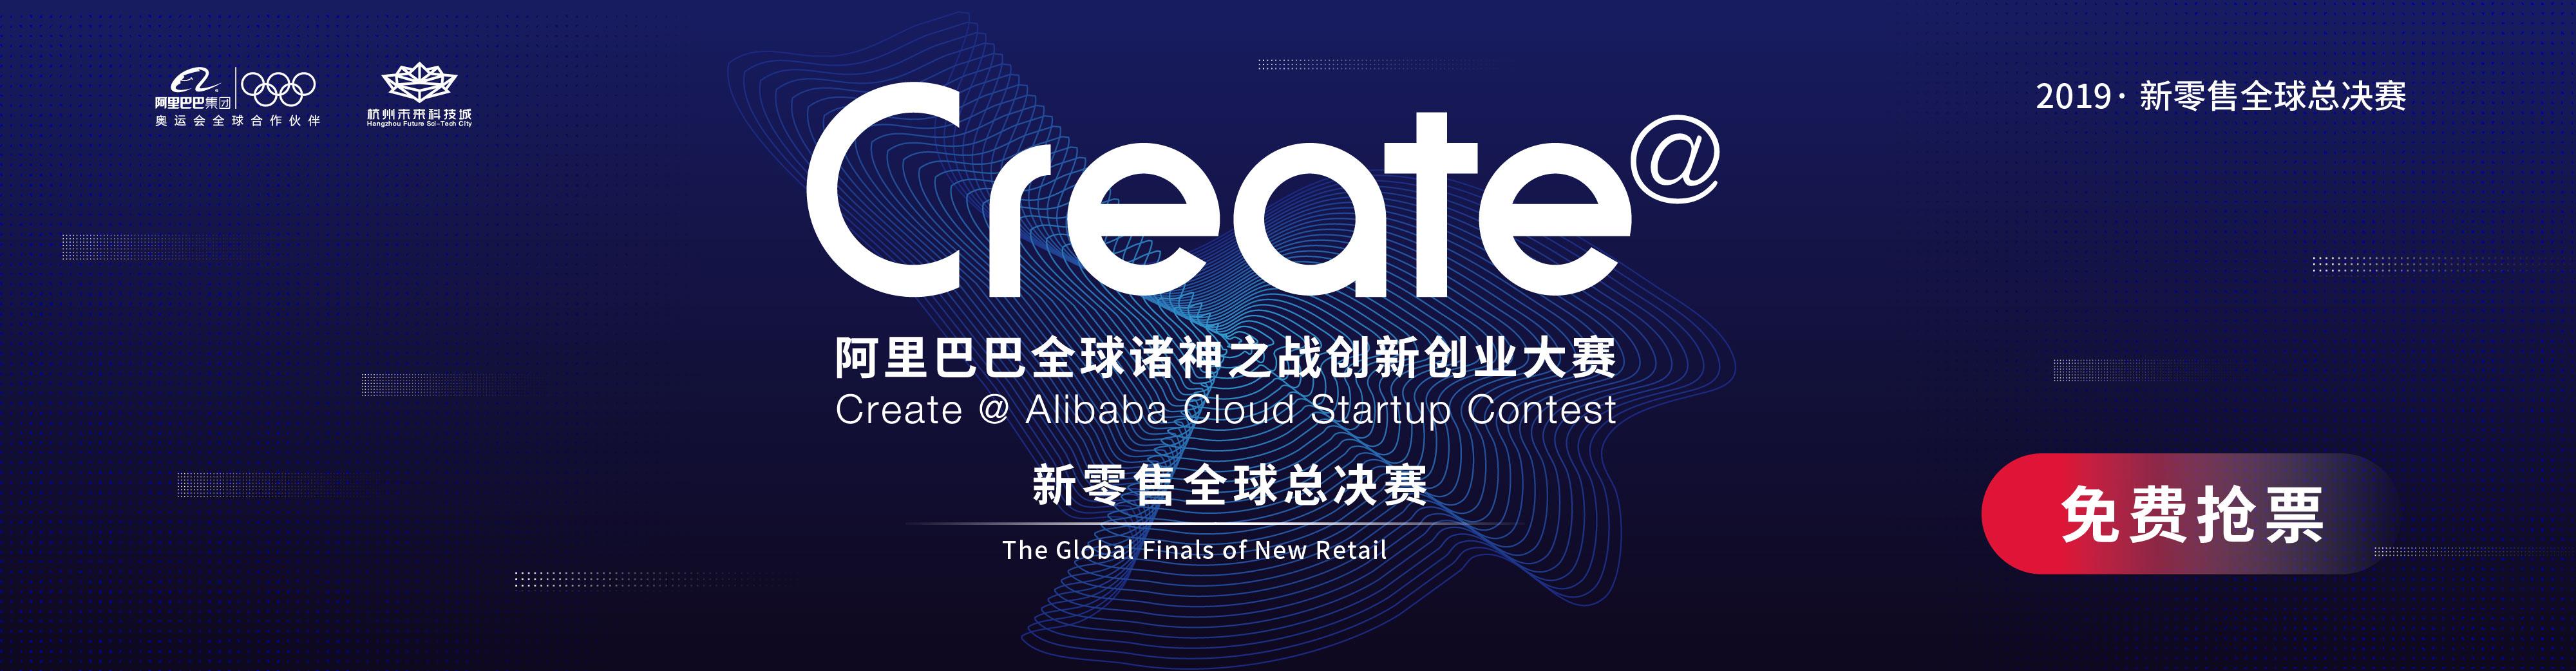 2019阿里巴巴全球诸神之战创新创业大赛新零售全球总决赛